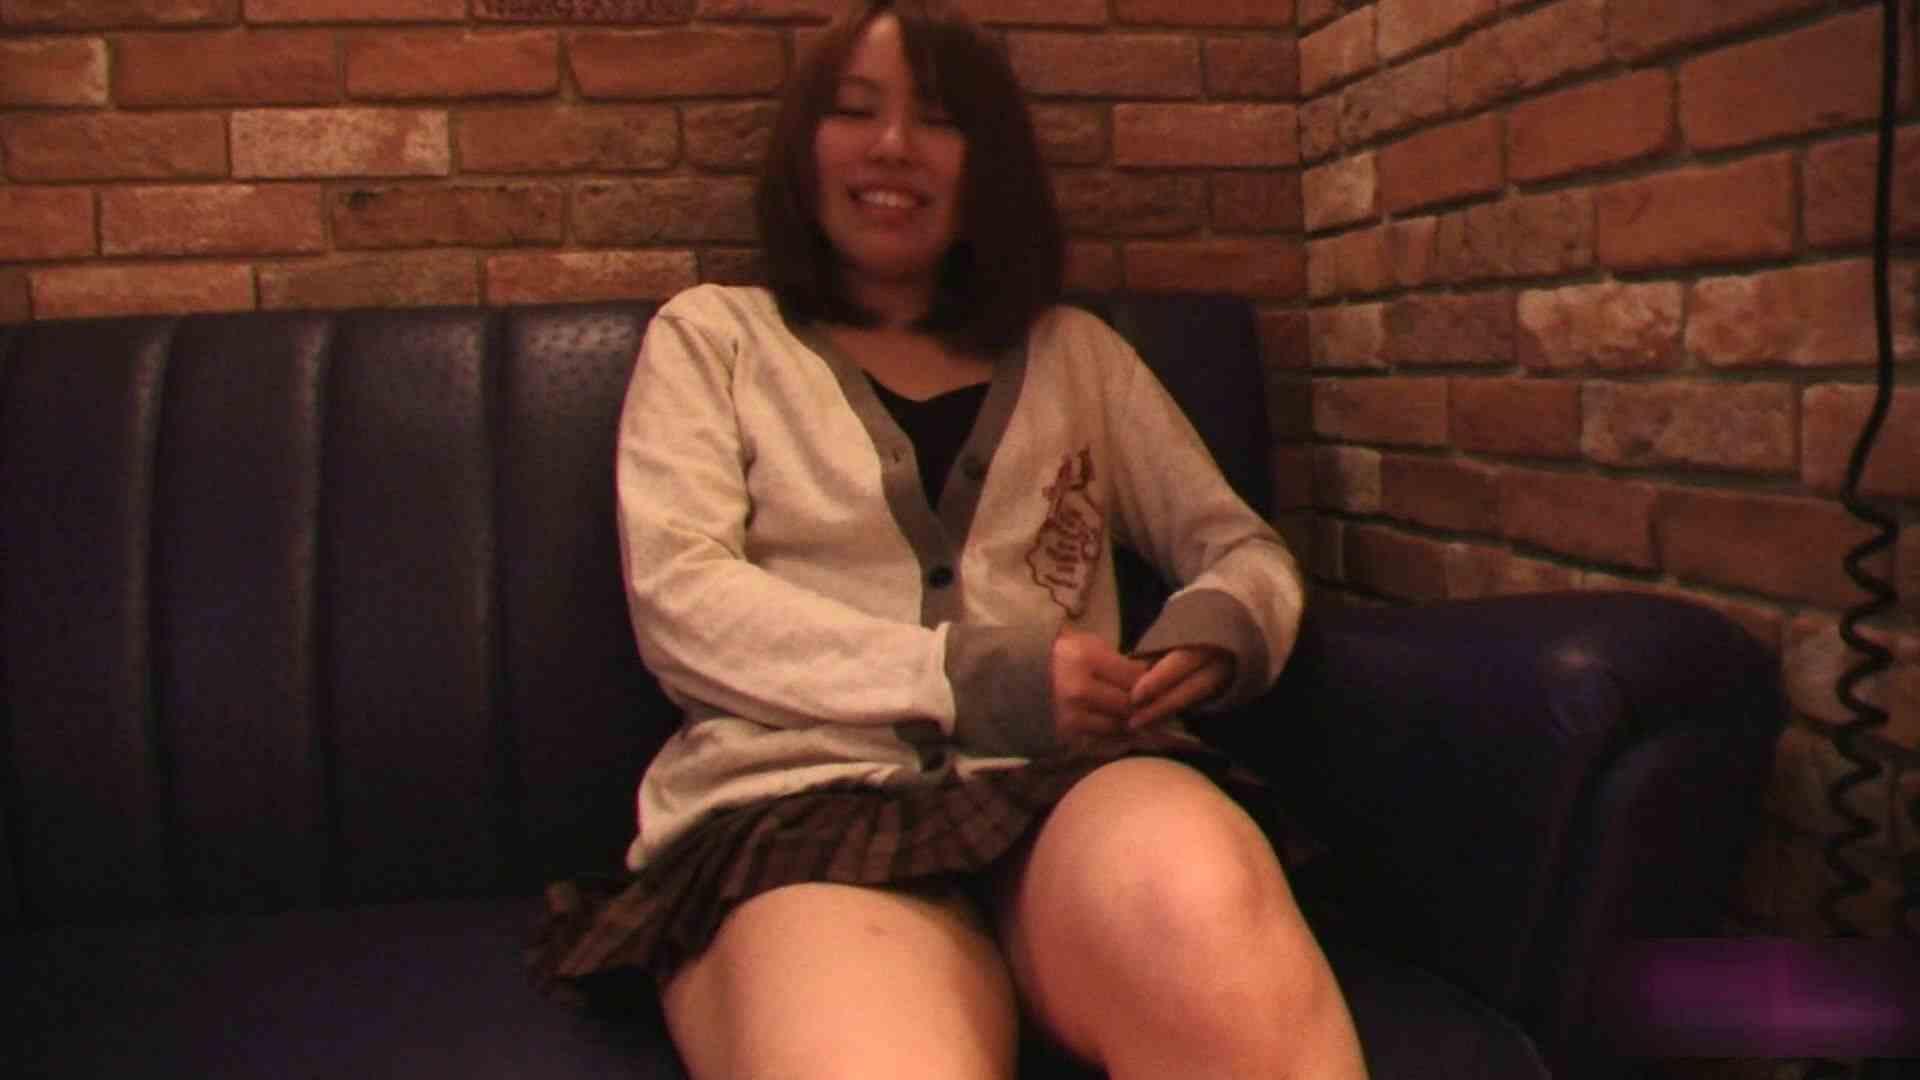 変態ギャル姫のH Vol.13 前編 おっぱい娘 のぞき動画画像 91連発 3